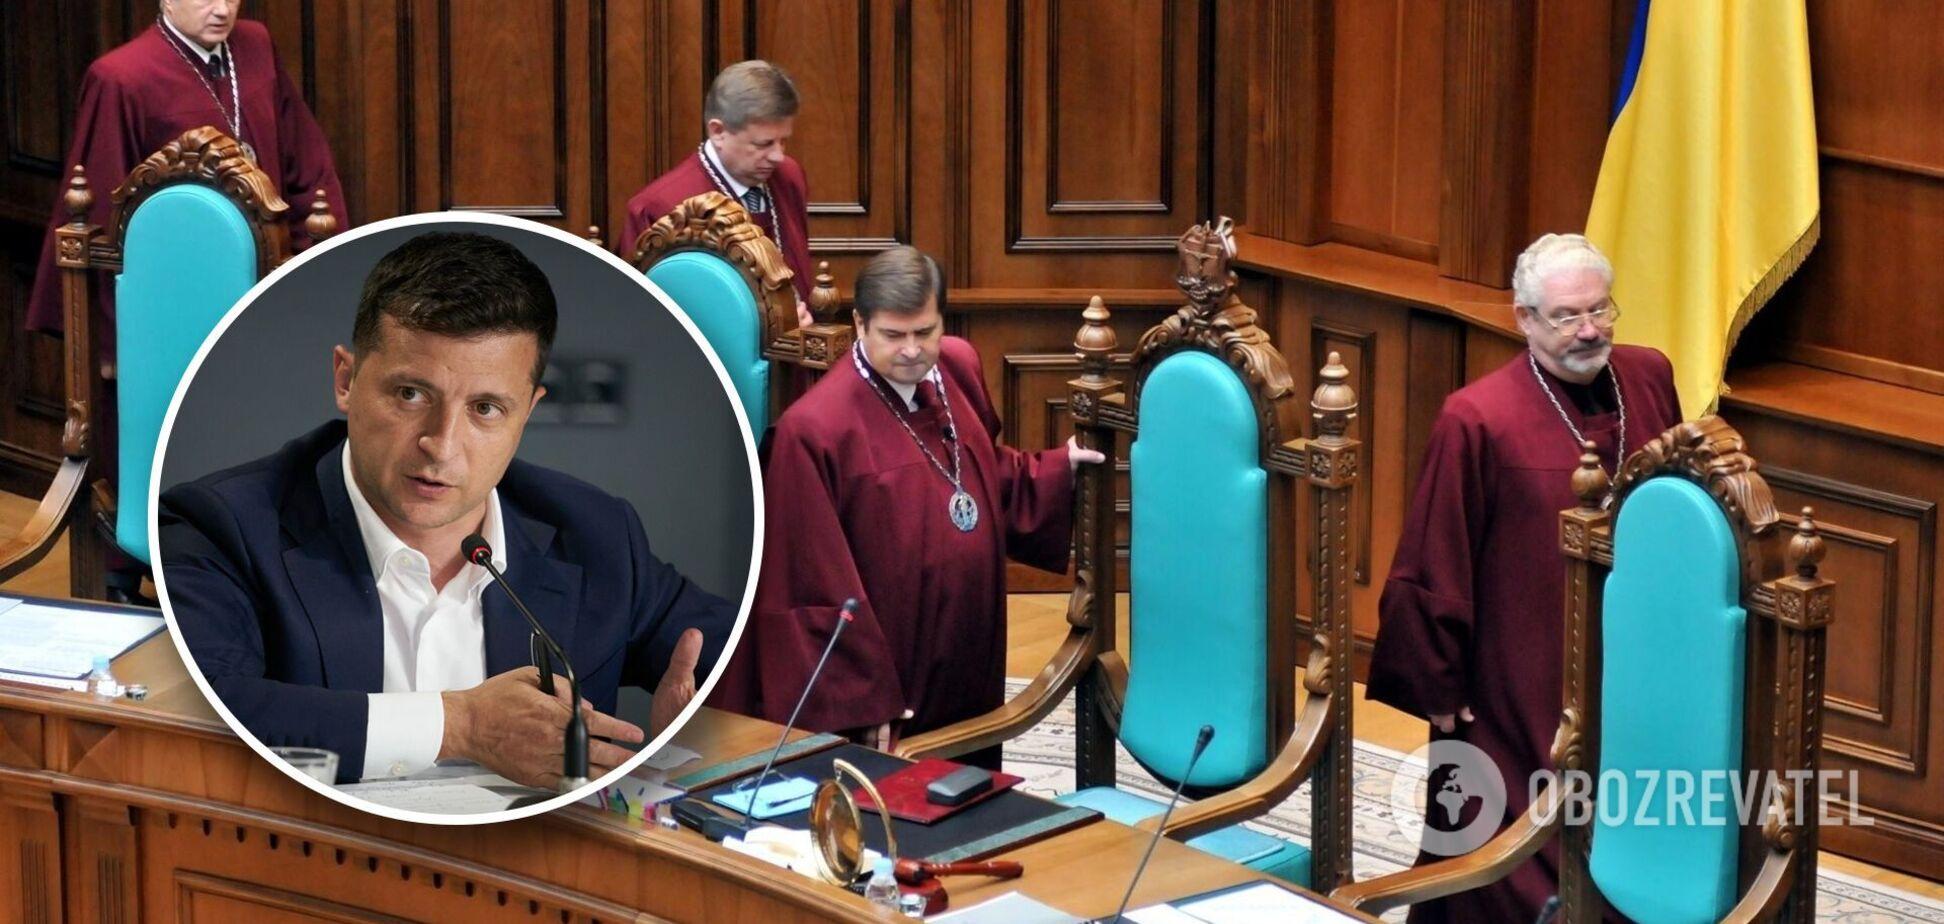 Зеленский потребовал уволить весь состав Конституционного суда